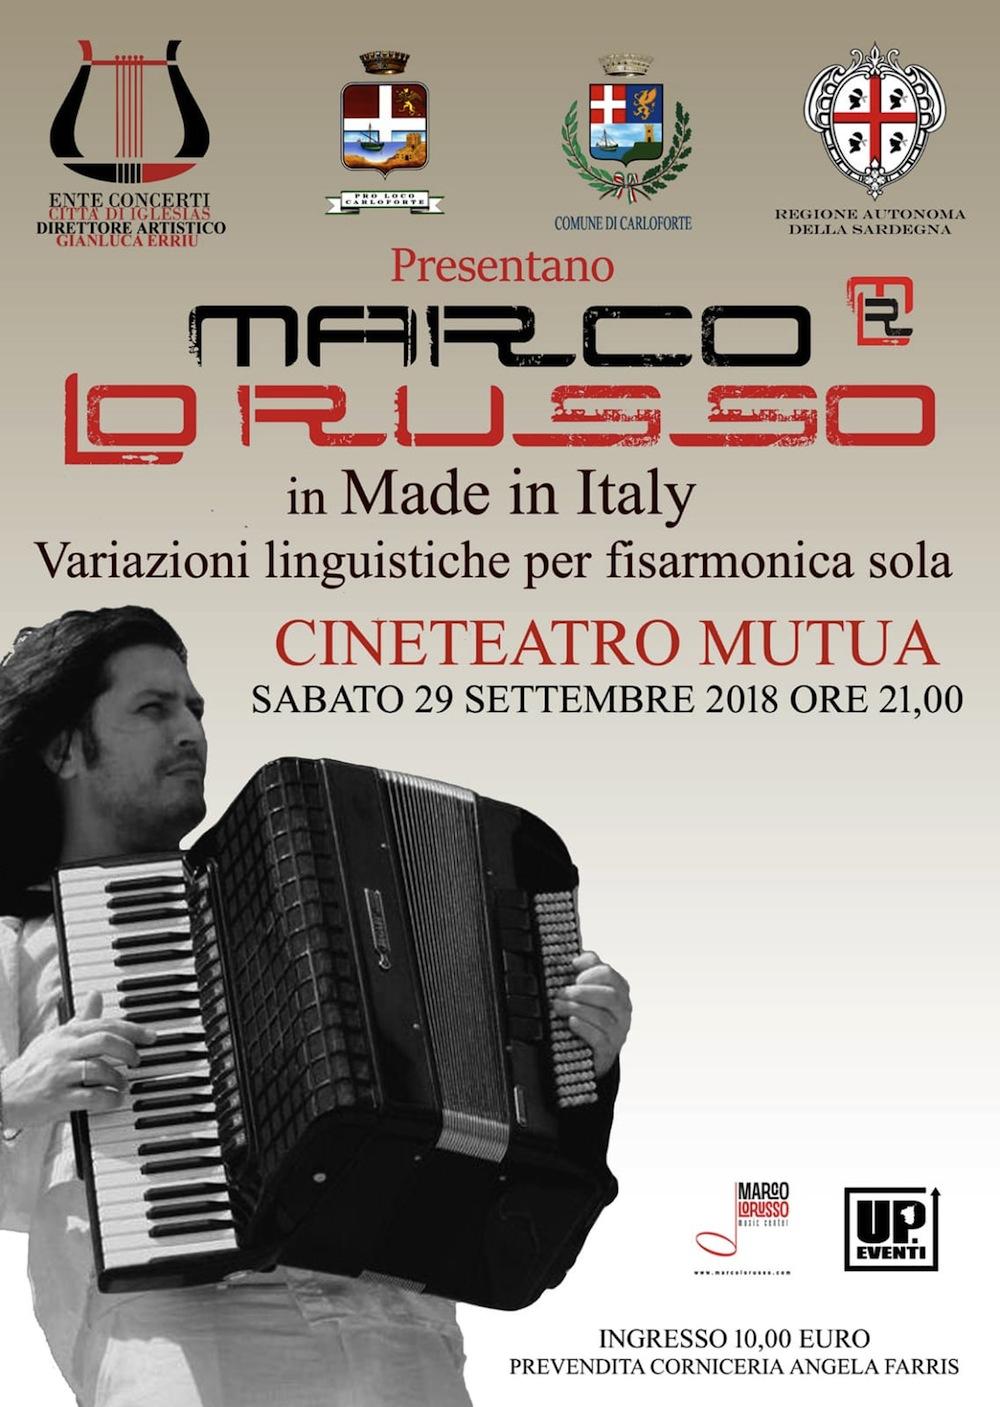 Marco Lo Russo Teatro Mutua Carloforte Sardegna Ente concerti città di Iglesias